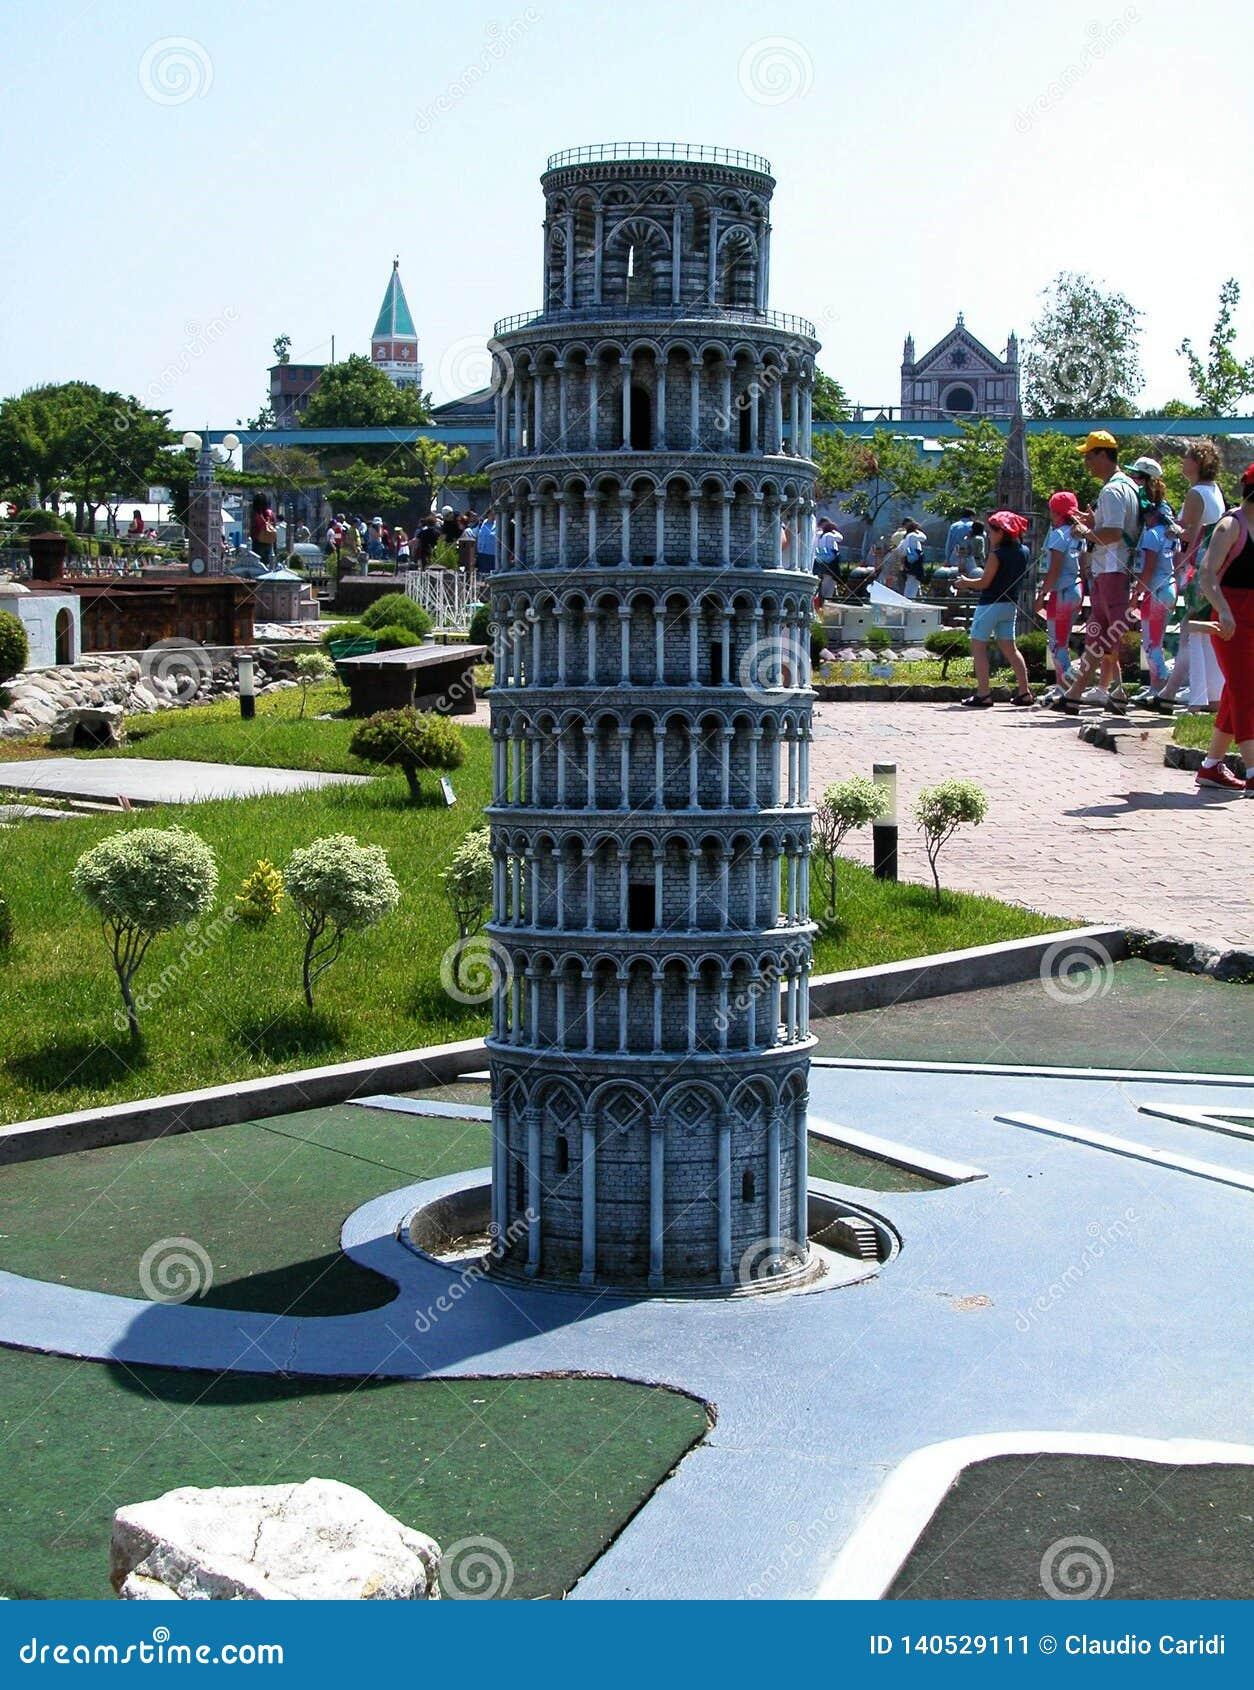 """Πύργος της Πίζας στο θεματικό πάρκο """"Ιταλία στη μικροσκοπική """"Ιταλία στο miniatura Viserba, Rimini, Ιταλία"""